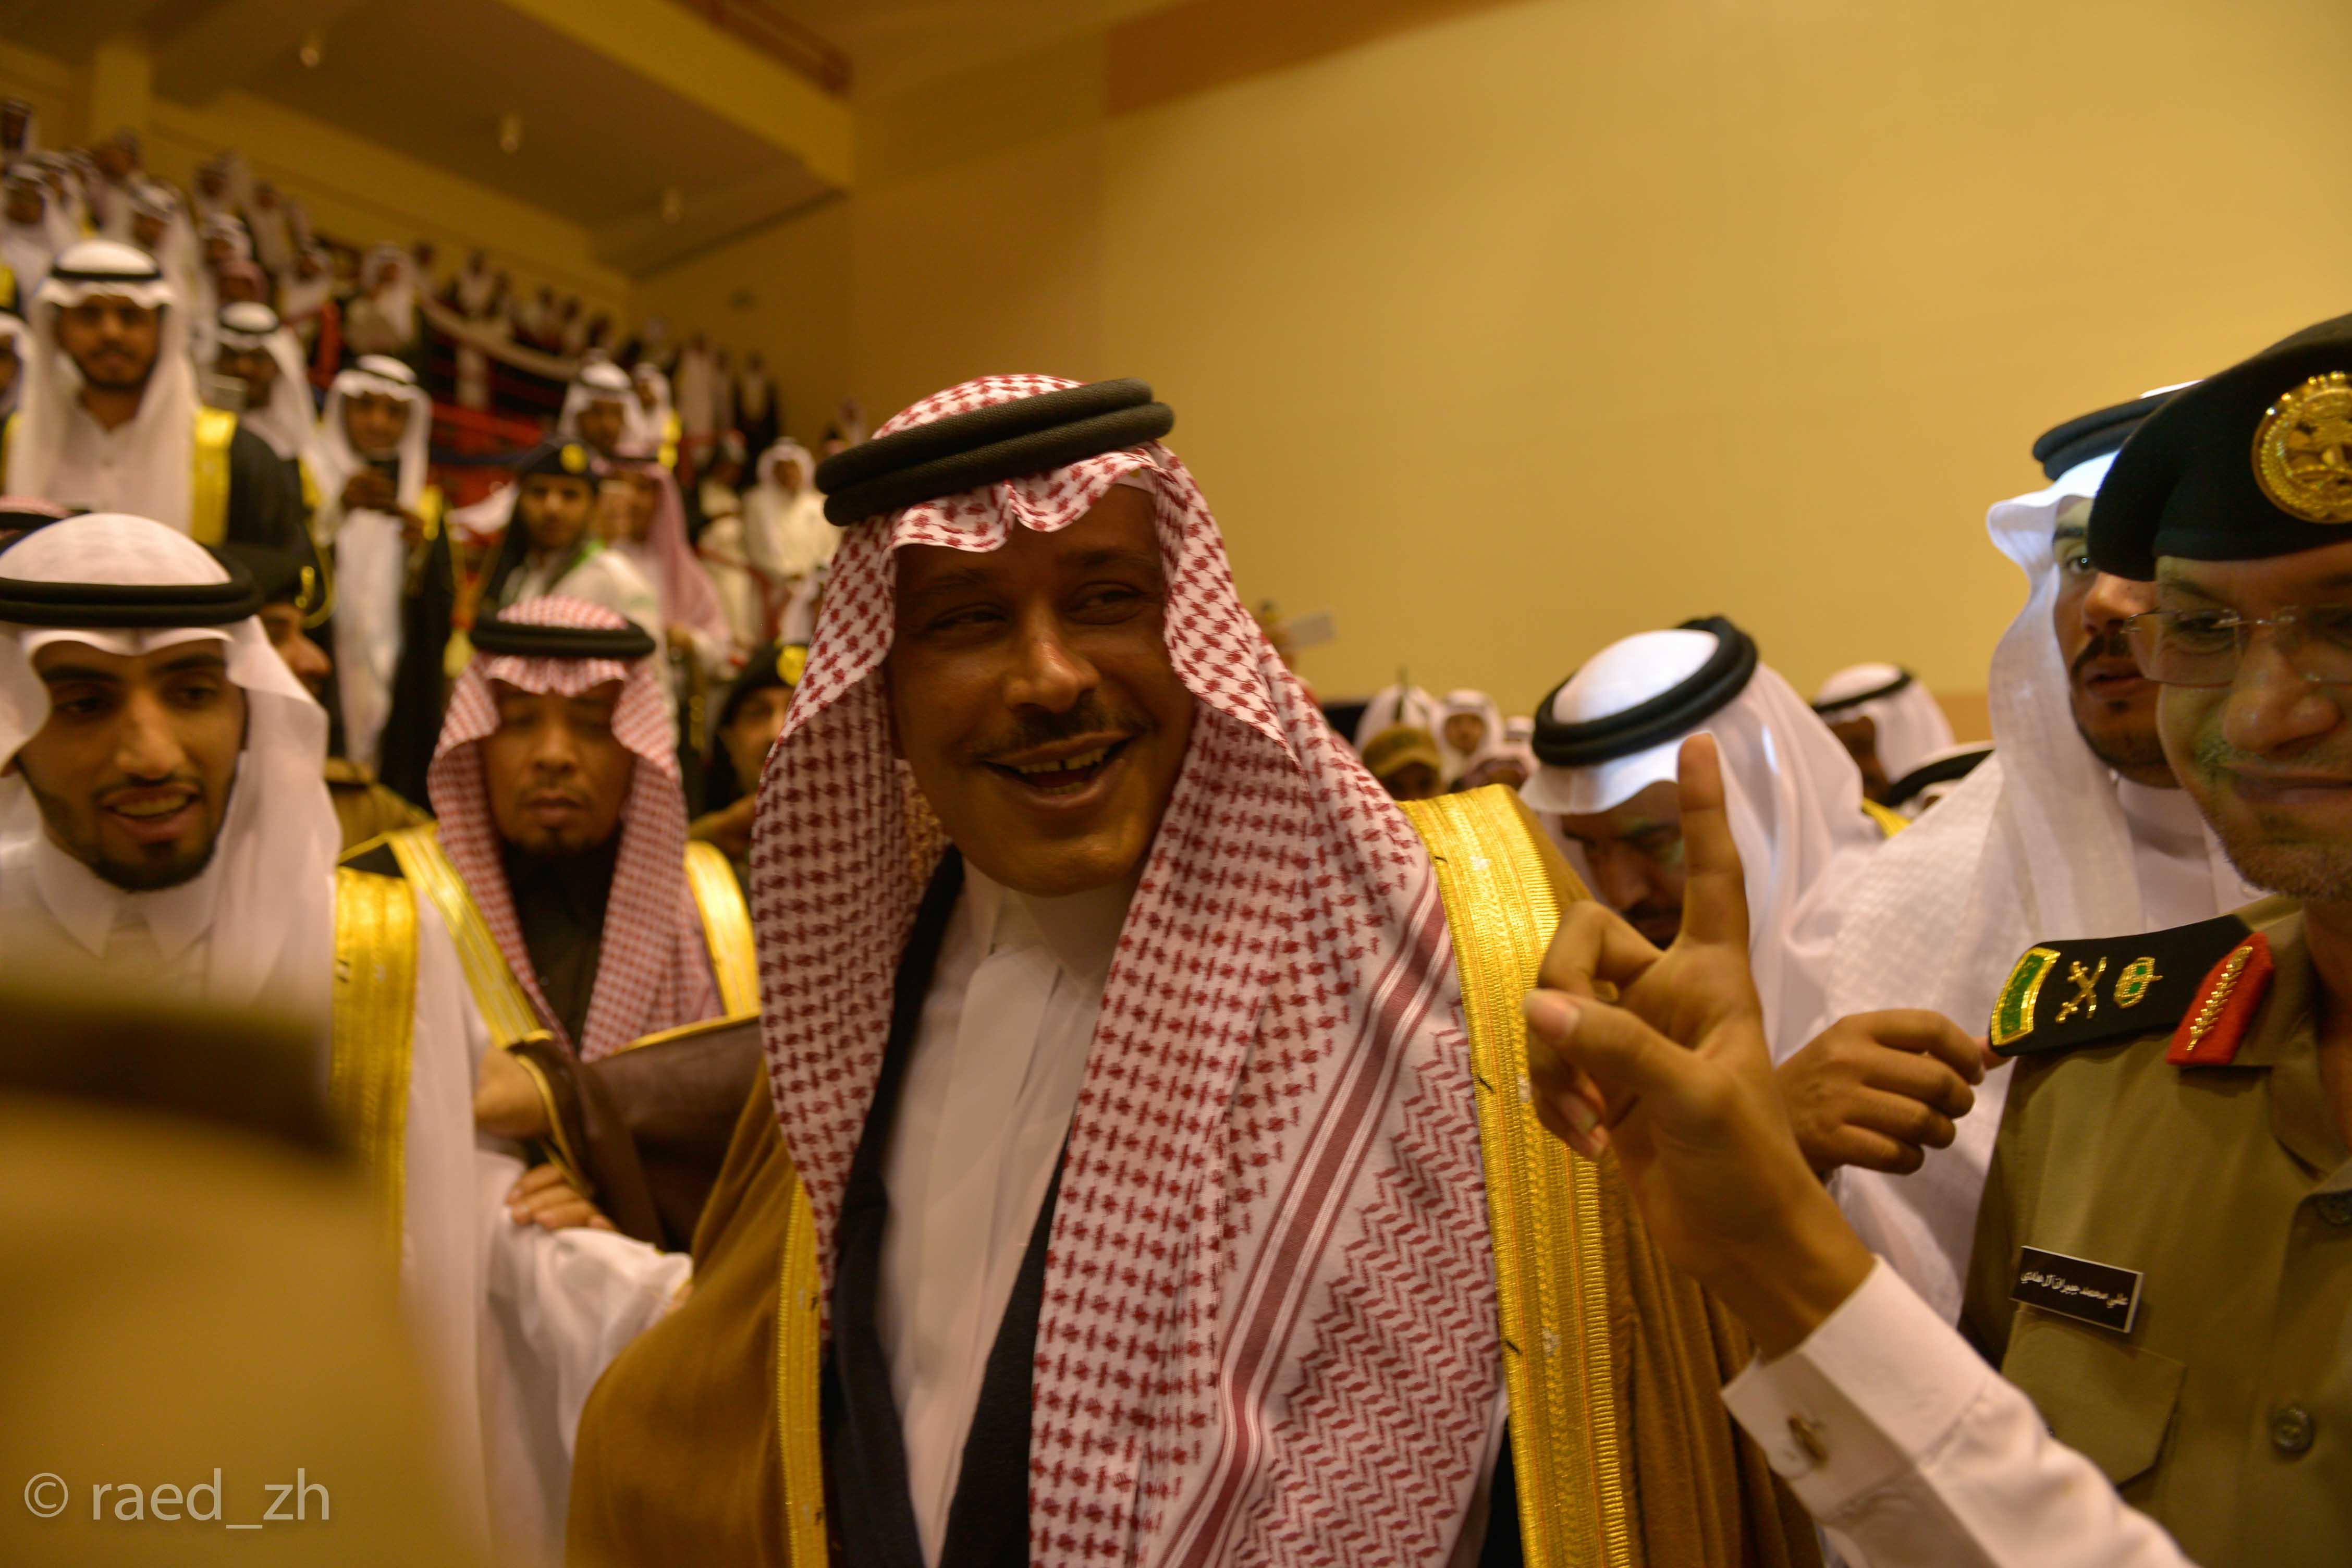 امير الباحة يرعى تخريج الدفعة العاشرة من طلاب وطالبات جامعة الباحة (28)